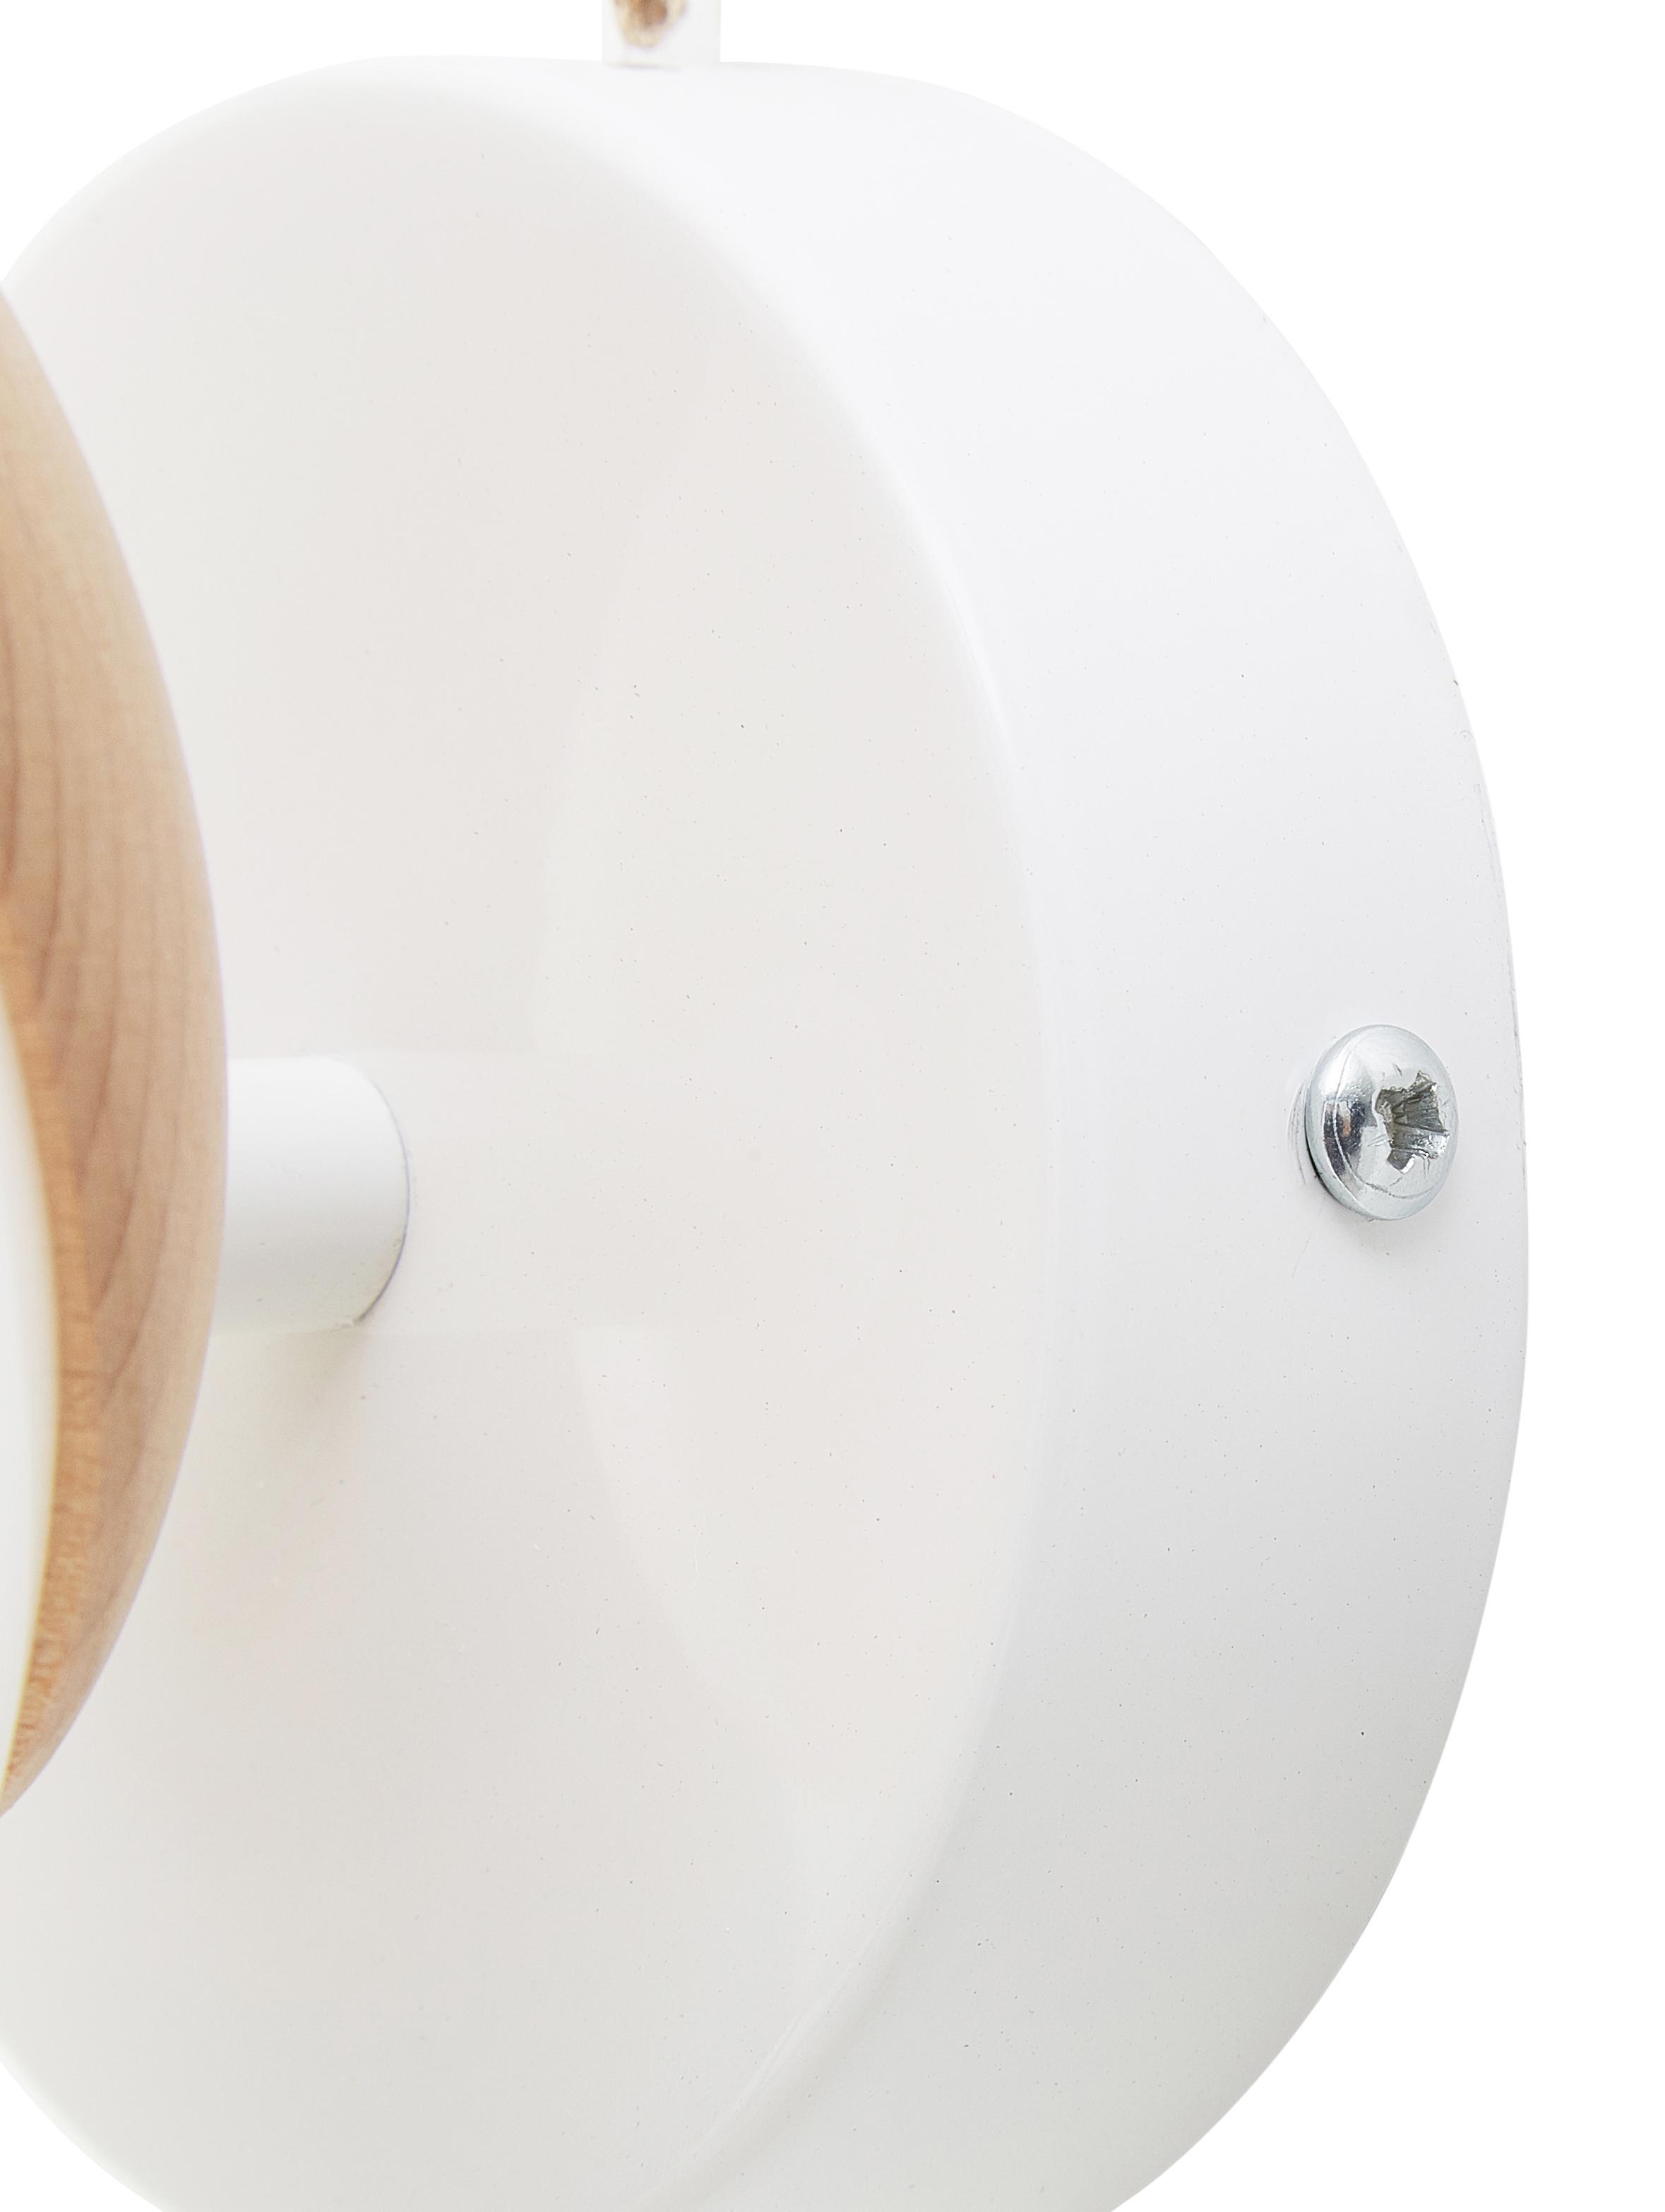 Wandleuchte Sfera, Lampenschirm: Opalglas, Opalweiß, Braun, 15 x 15 cm